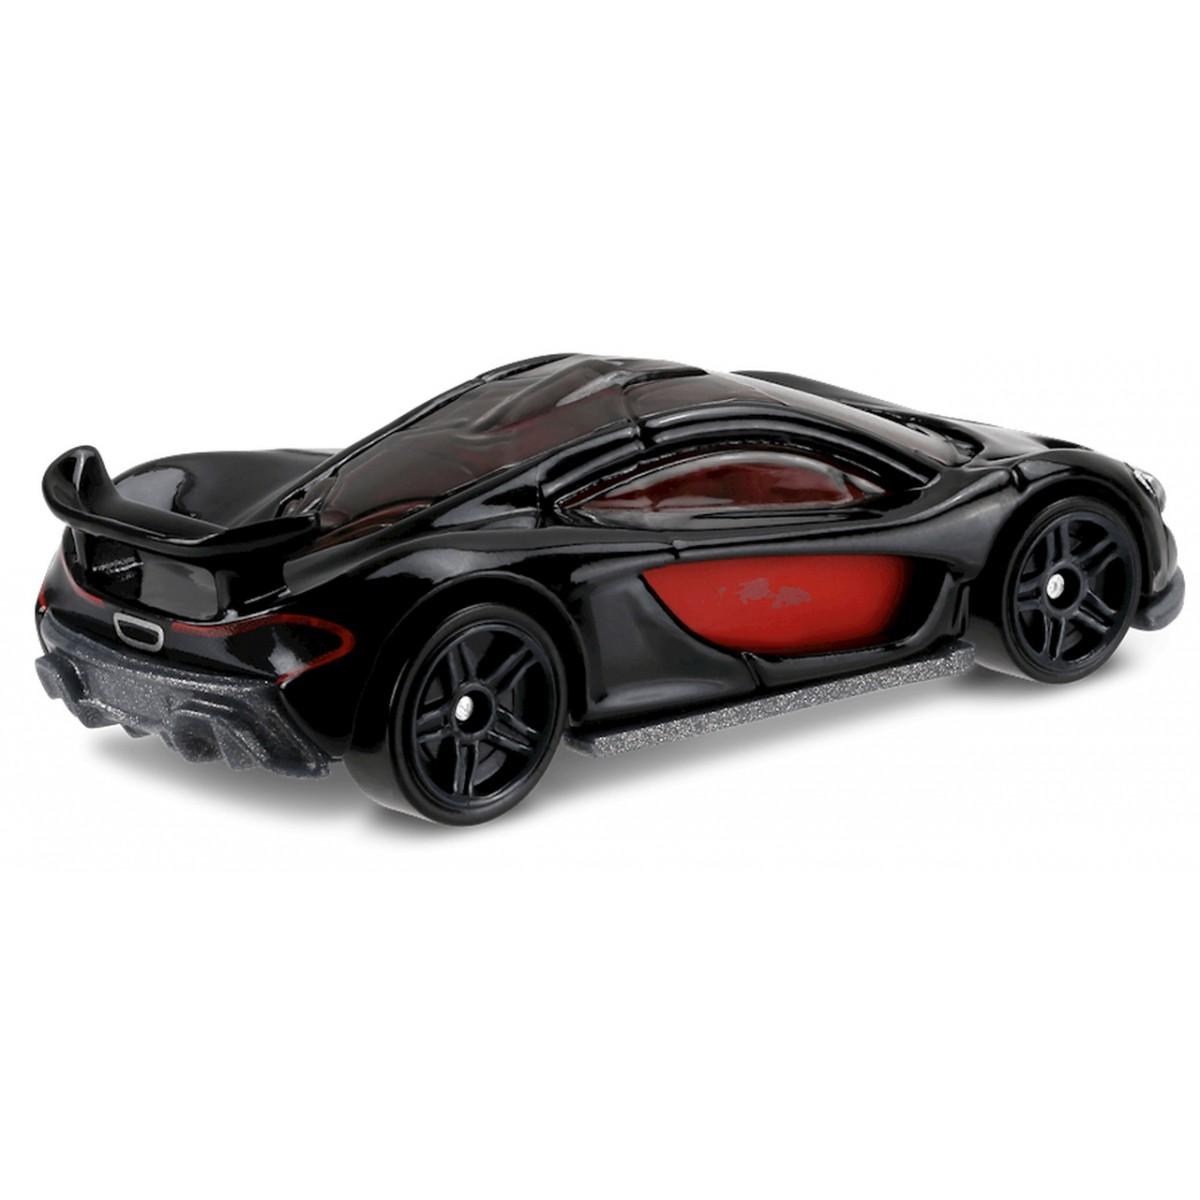 Carrinho Hot Wheels: McLaren P1 Preto